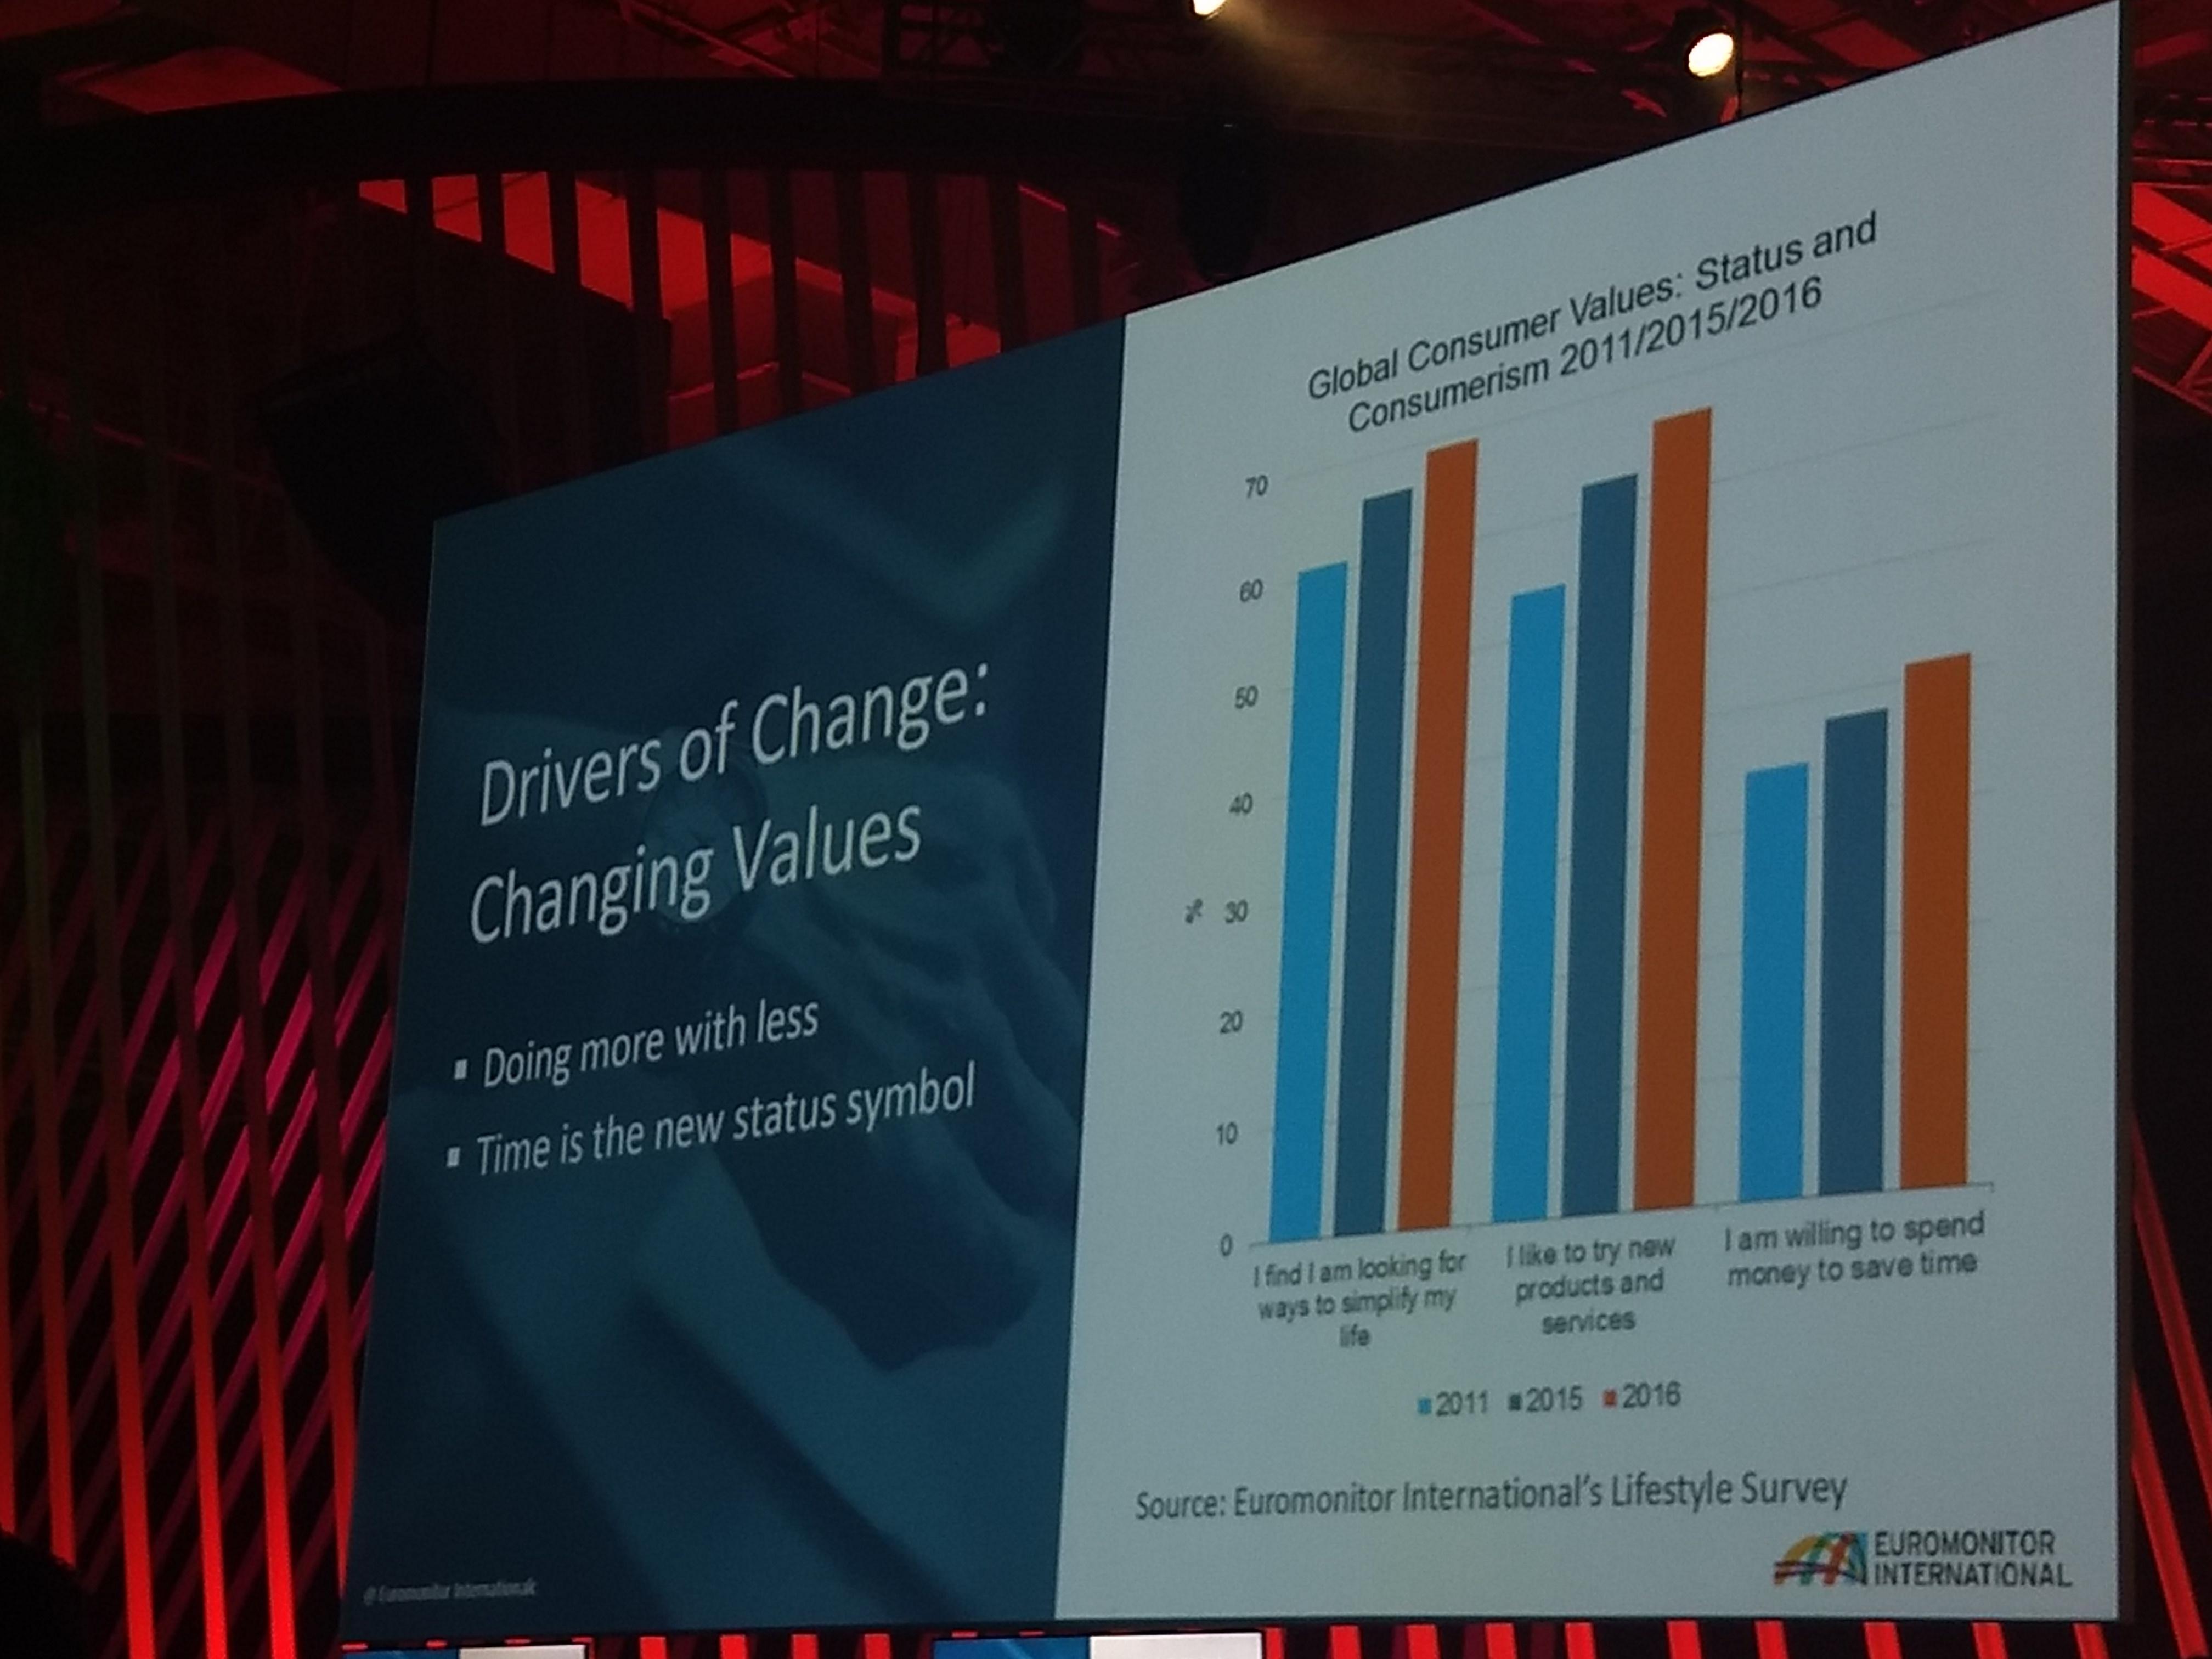 foto de um gráfico que mostra em barras os valores dos consumidores em âmbitos globais nos anos de 2011 (cor azul clara),2015 (azul escuro) e 2016 (laranja).